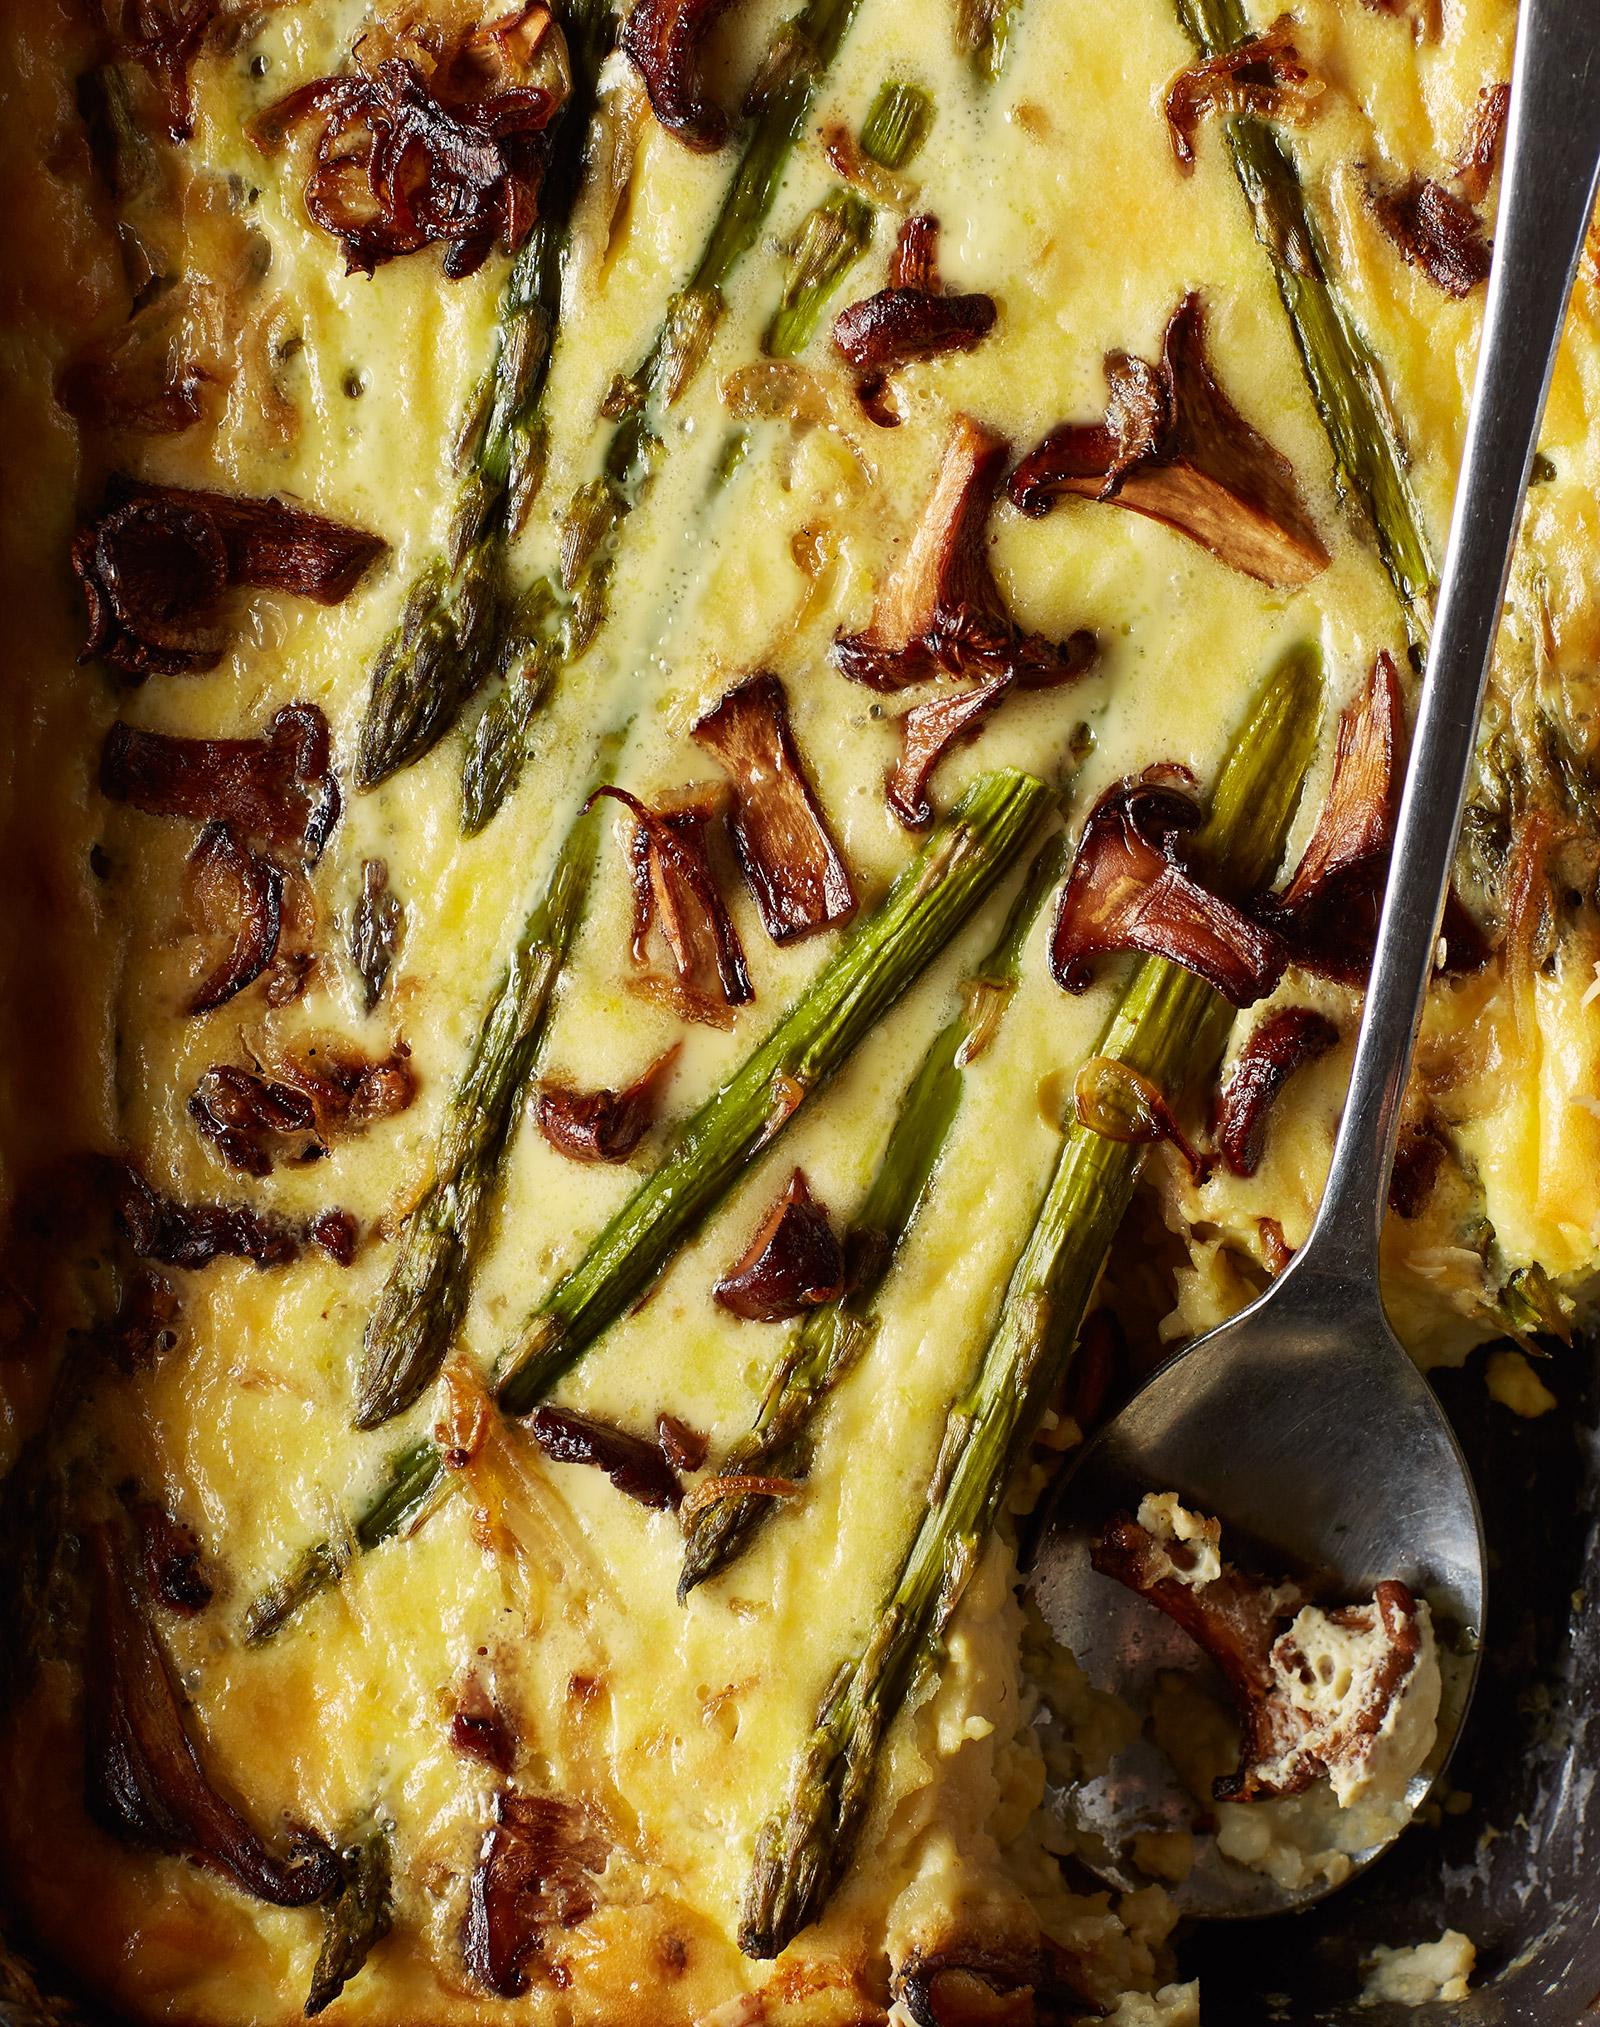 gluten free and vegetarian millet, asparagus, chanterelle mushroom, egg, cheese bake for brunch